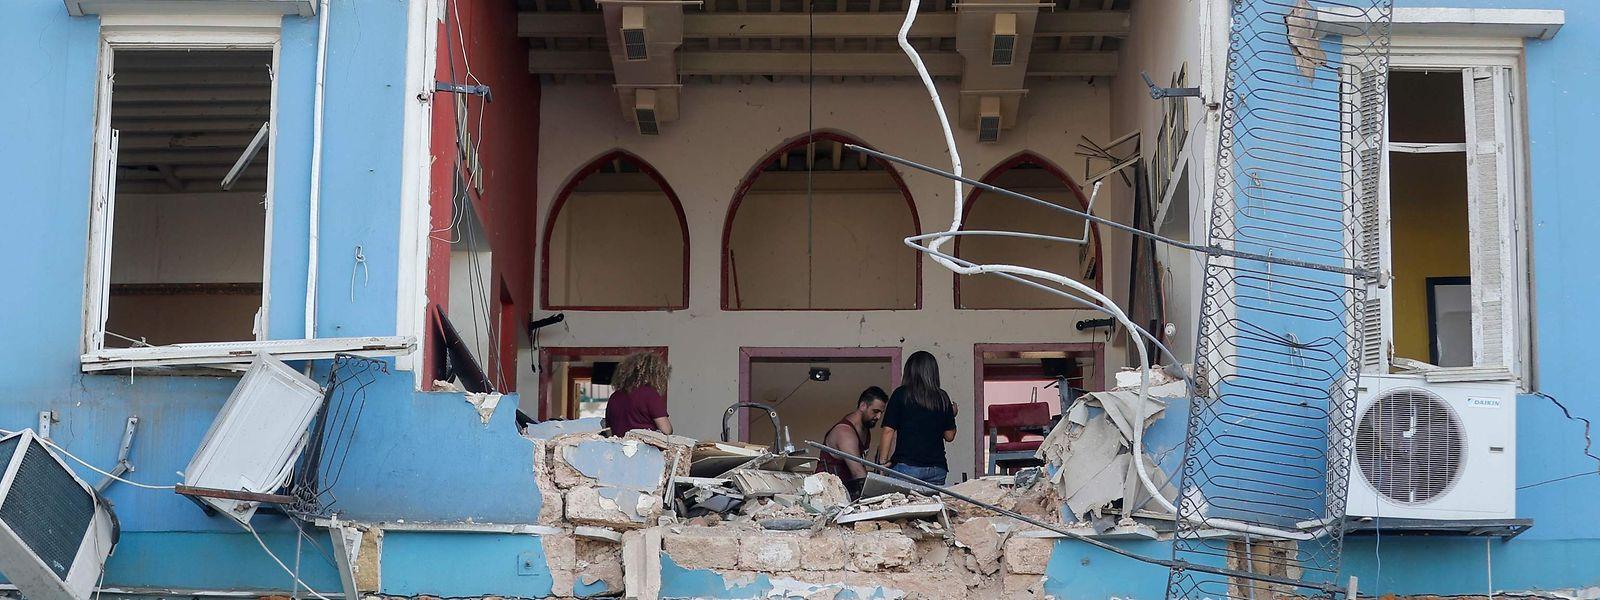 Ein Ehepaar inspiziert die Schäden an einem Haus in Beirut.